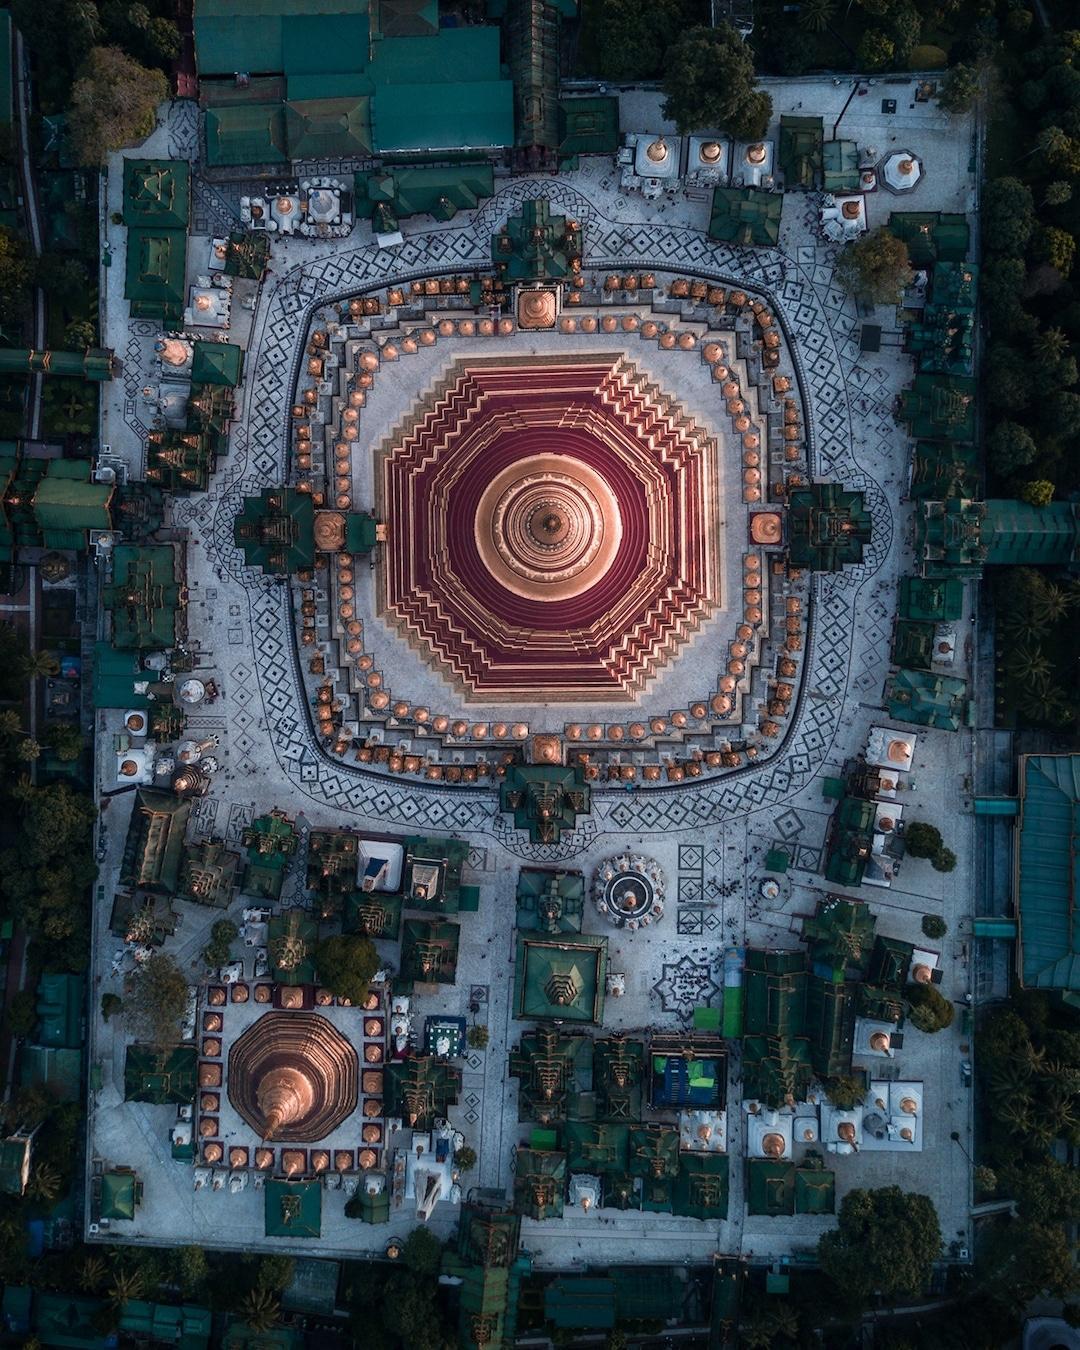 Chiêm ngưỡng loạt ảnh từ trên cao, Myanmar xứng danh ' đất nước của những ngôi chùa' Ảnh 7